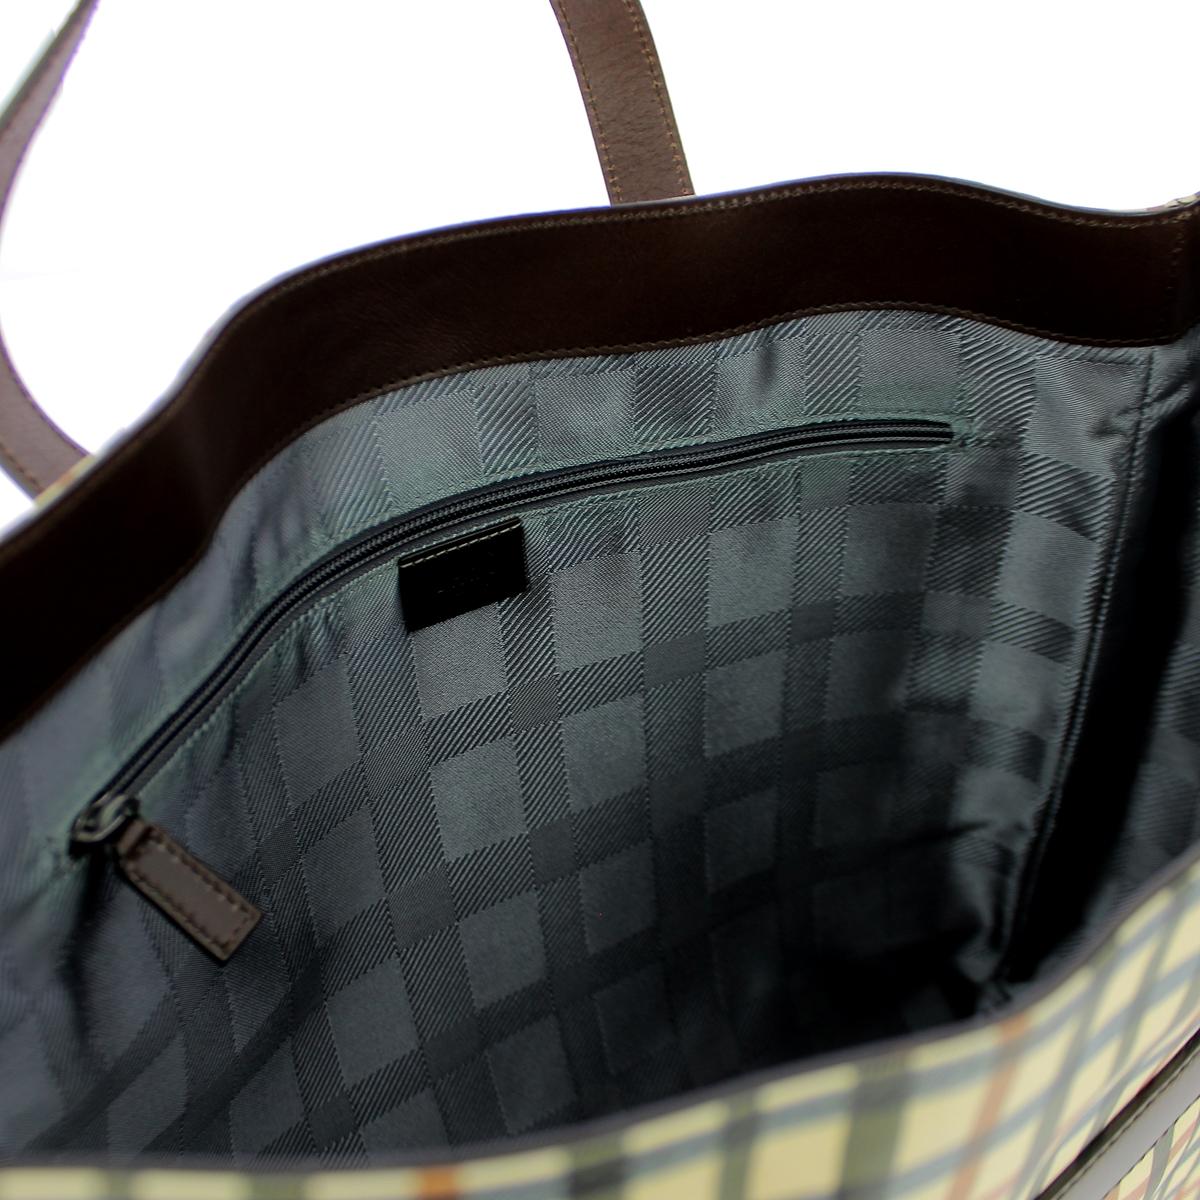 Borsa Daks Espresso Large A Mano W7gq70TwS